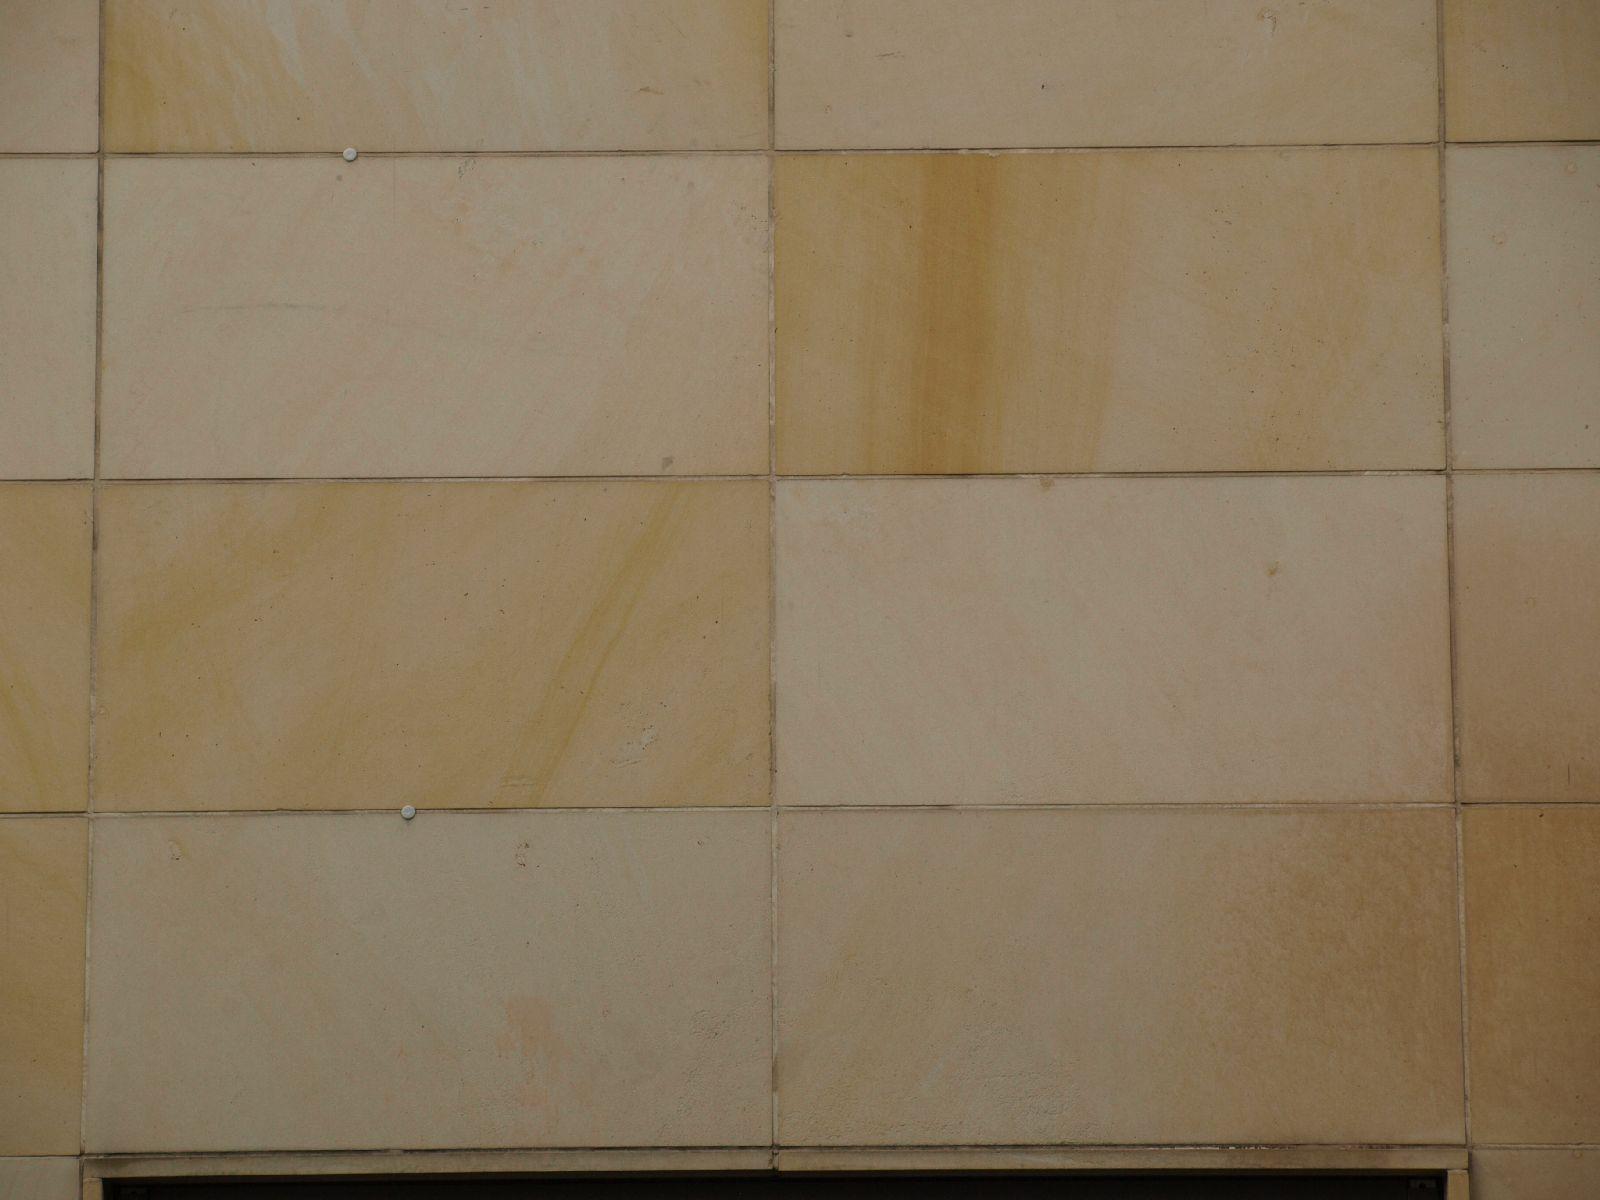 Brick_Texture_A_P6218230